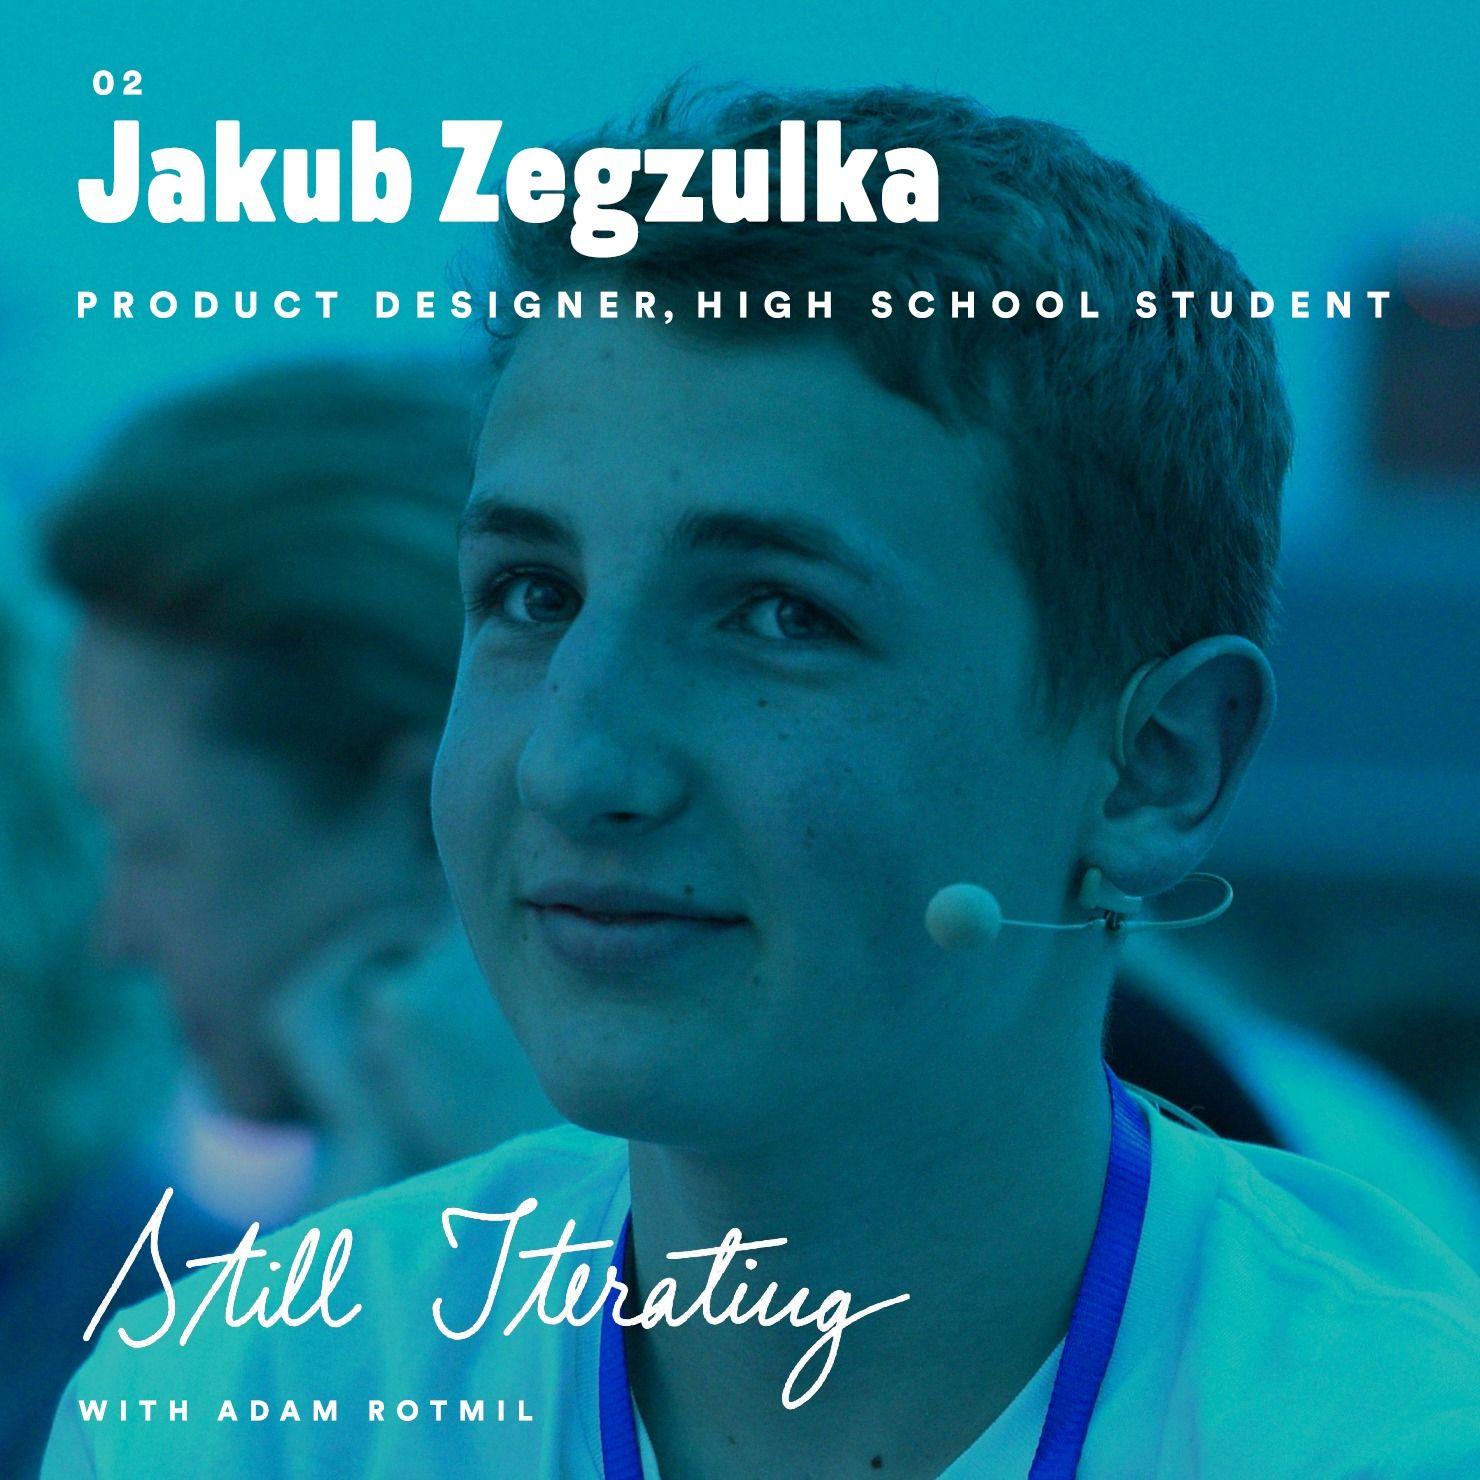 Jakub Zegzulka on Growth